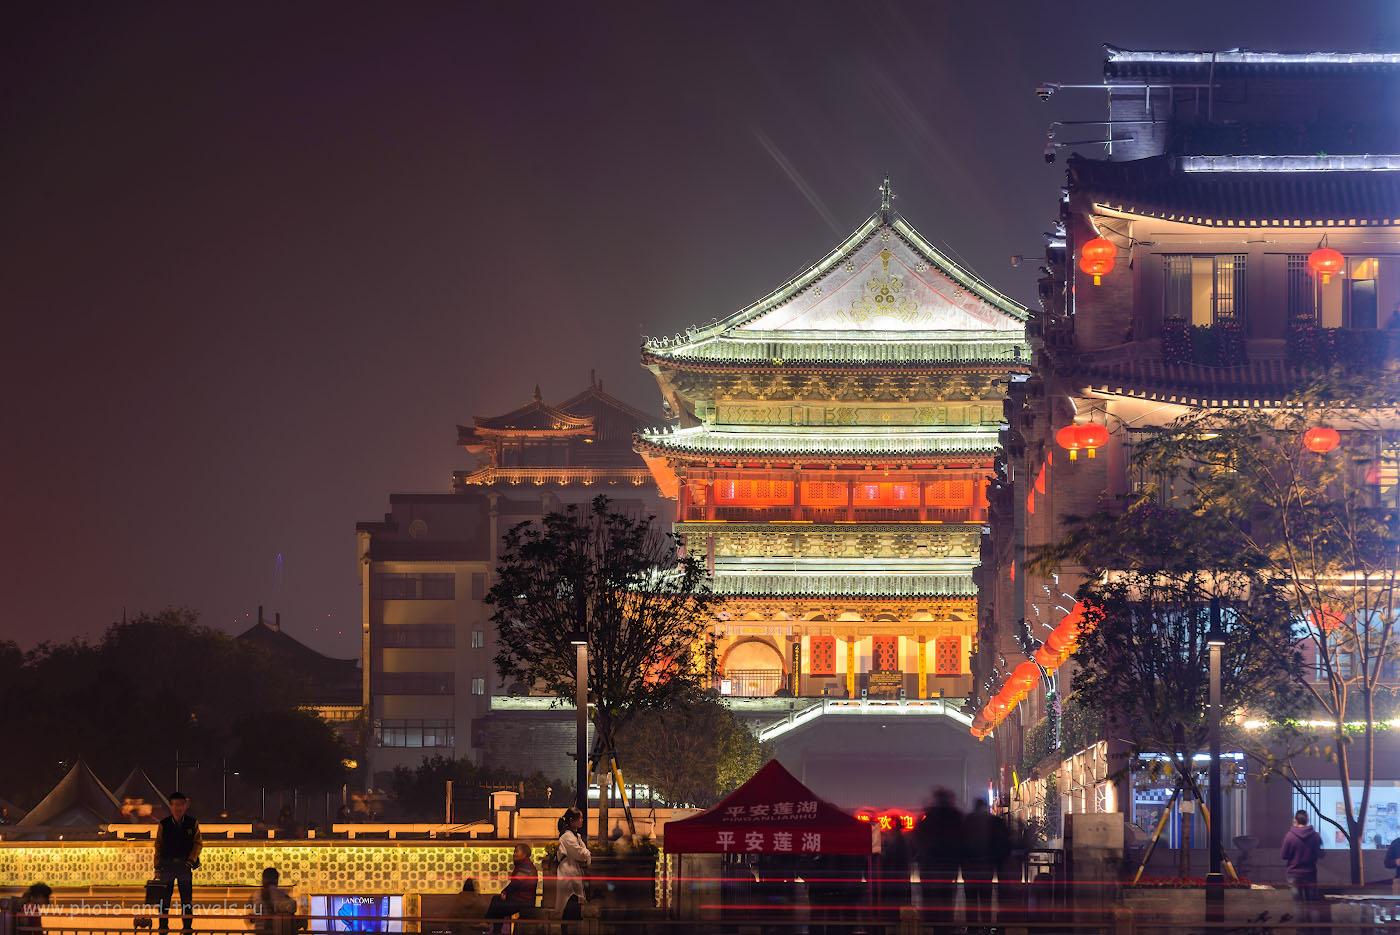 Фото 20. Ночной Сиань. Отзыв о путешествии по Китаю самостоятельно. Такую красоту можно увидеть перед экскурсией на гору Хуашань. Камера Nikon D610 с объективом Nikon 70-200mm f/2.8. Снято со штатива Sirui T-2204X. Настройки: 4.0, +0.67, 10.0, 100, 190.